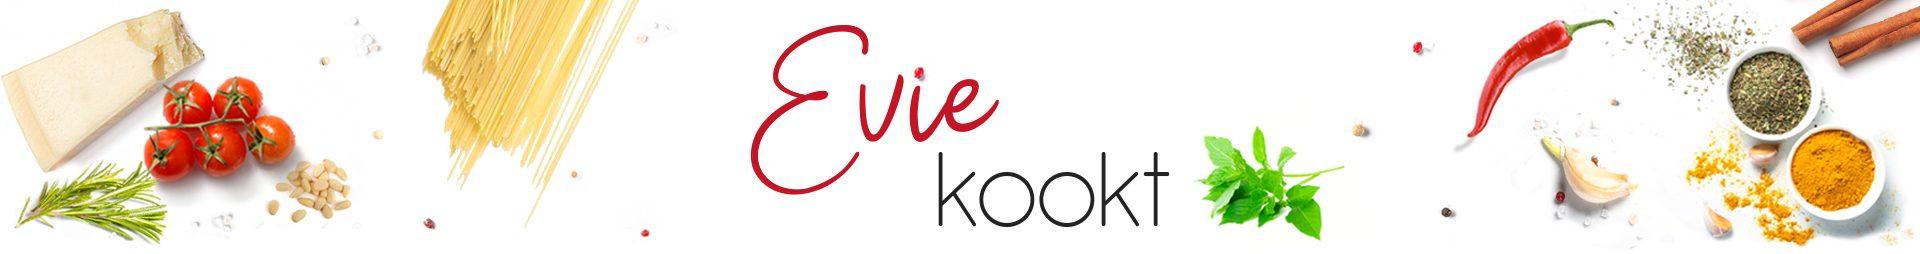 Evie kookt